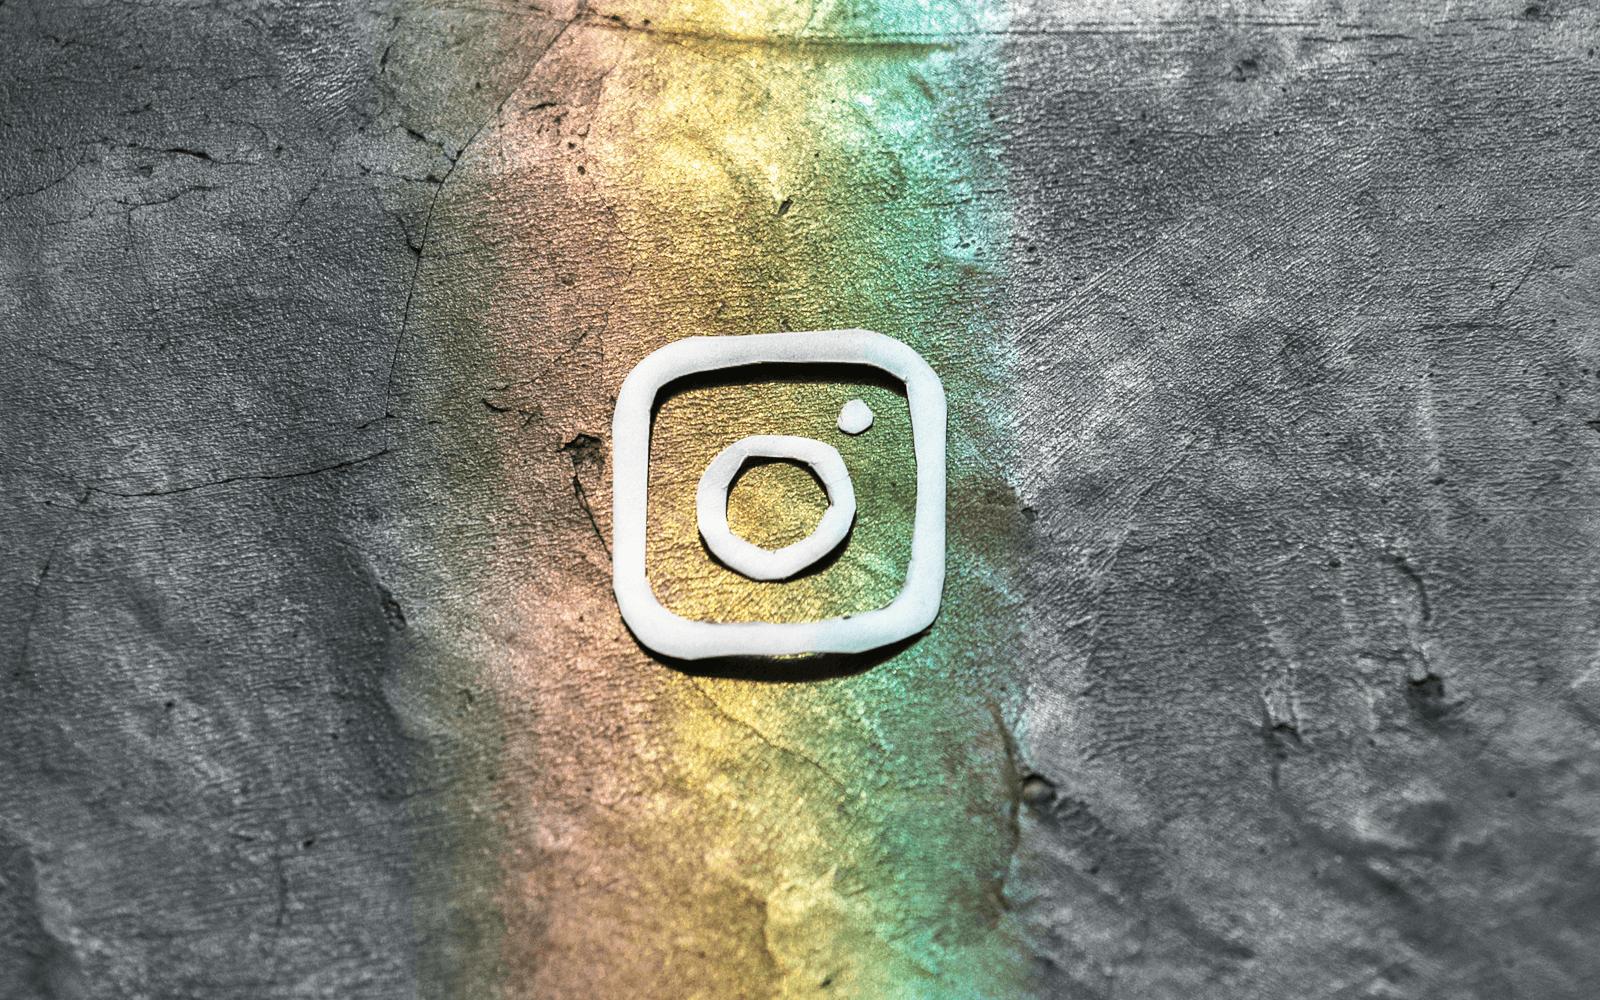 Instagram bez přihlášení. Jak zobrazit fotky a profily uživatelů?